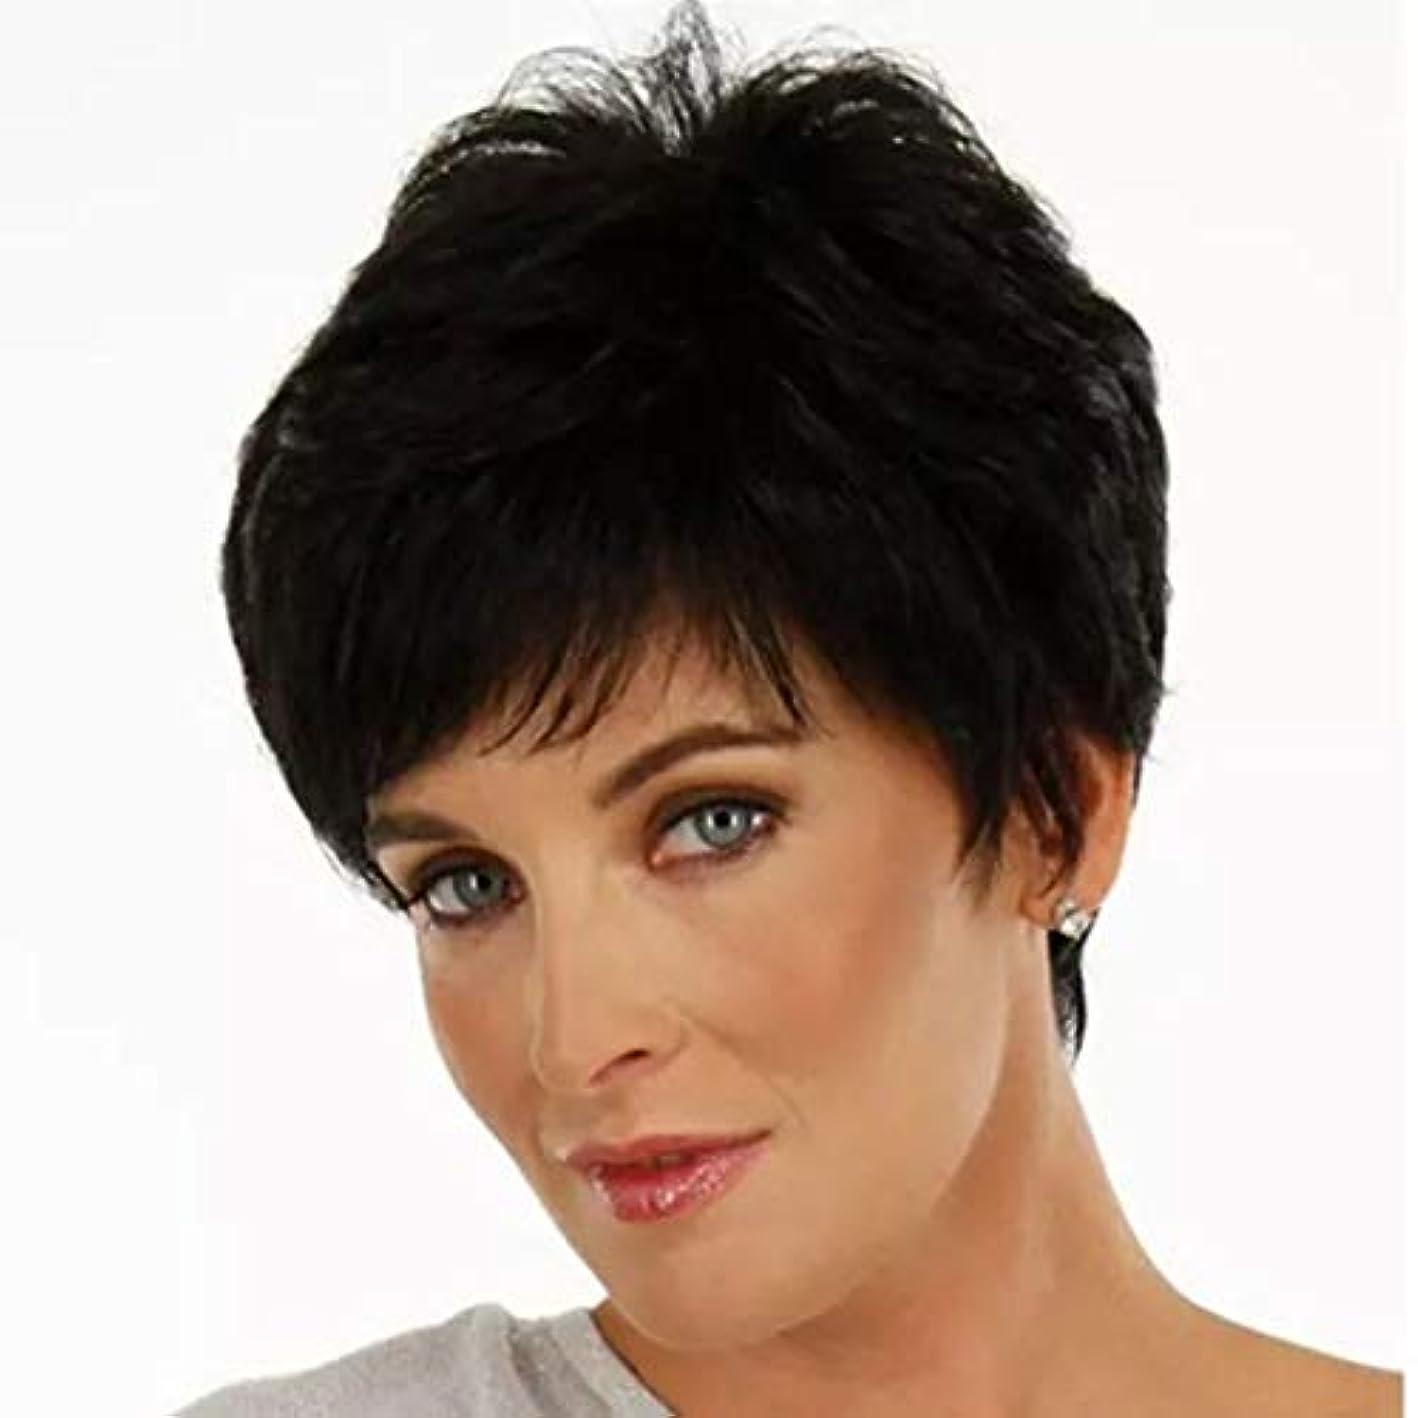 ファンド南西レーダーKerwinner 女性のための短いストレートヘアケアファイバー高温シルクウィッグヘッドギアをかつら